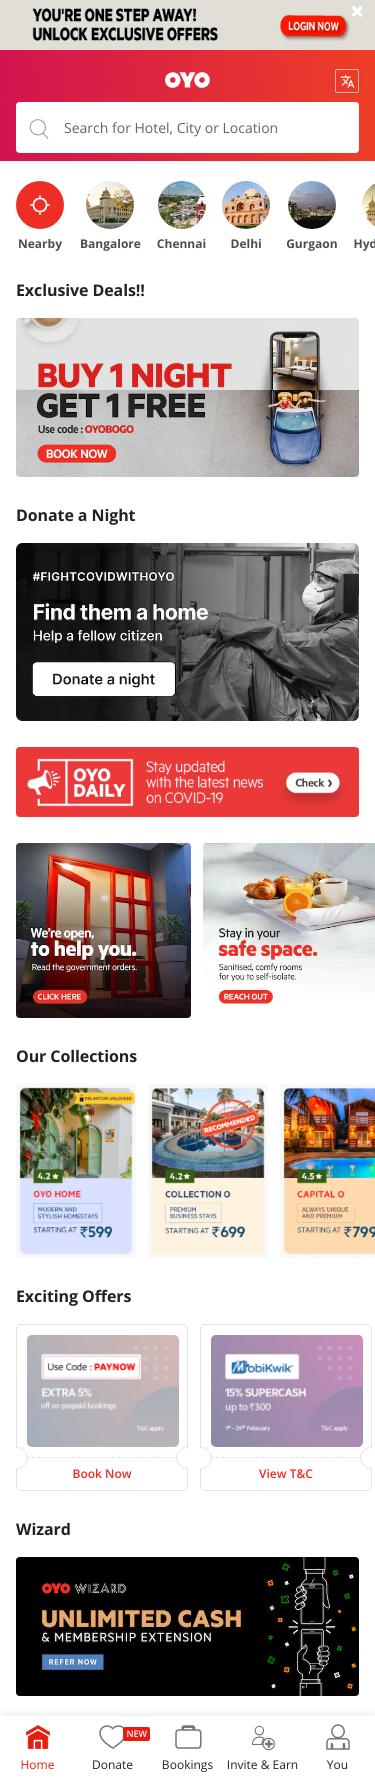 OYO Hotels Coupon